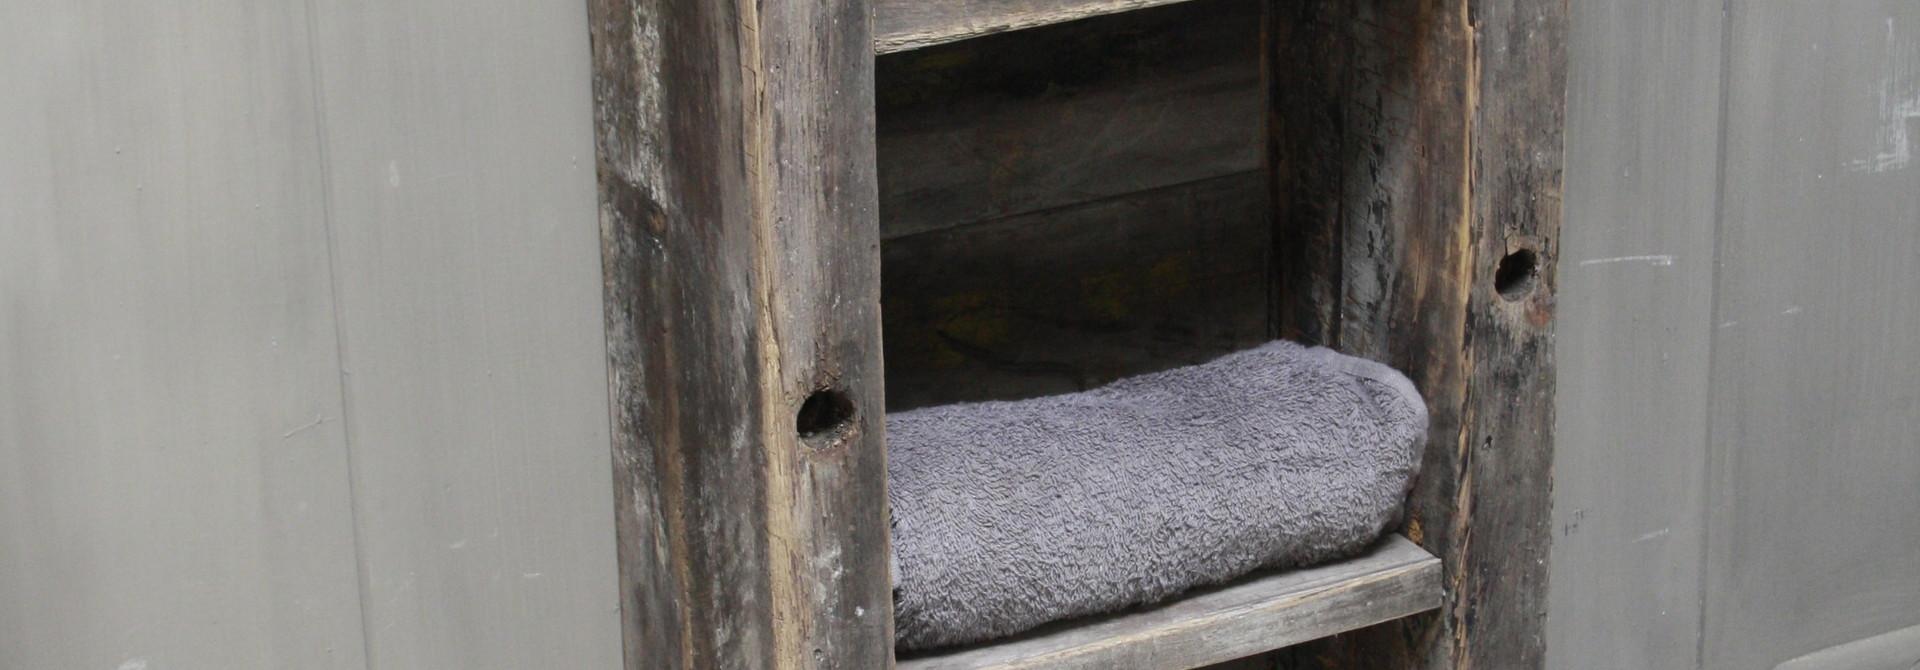 Toiletmeubel oud hout met betonbak 90 cm dark grey